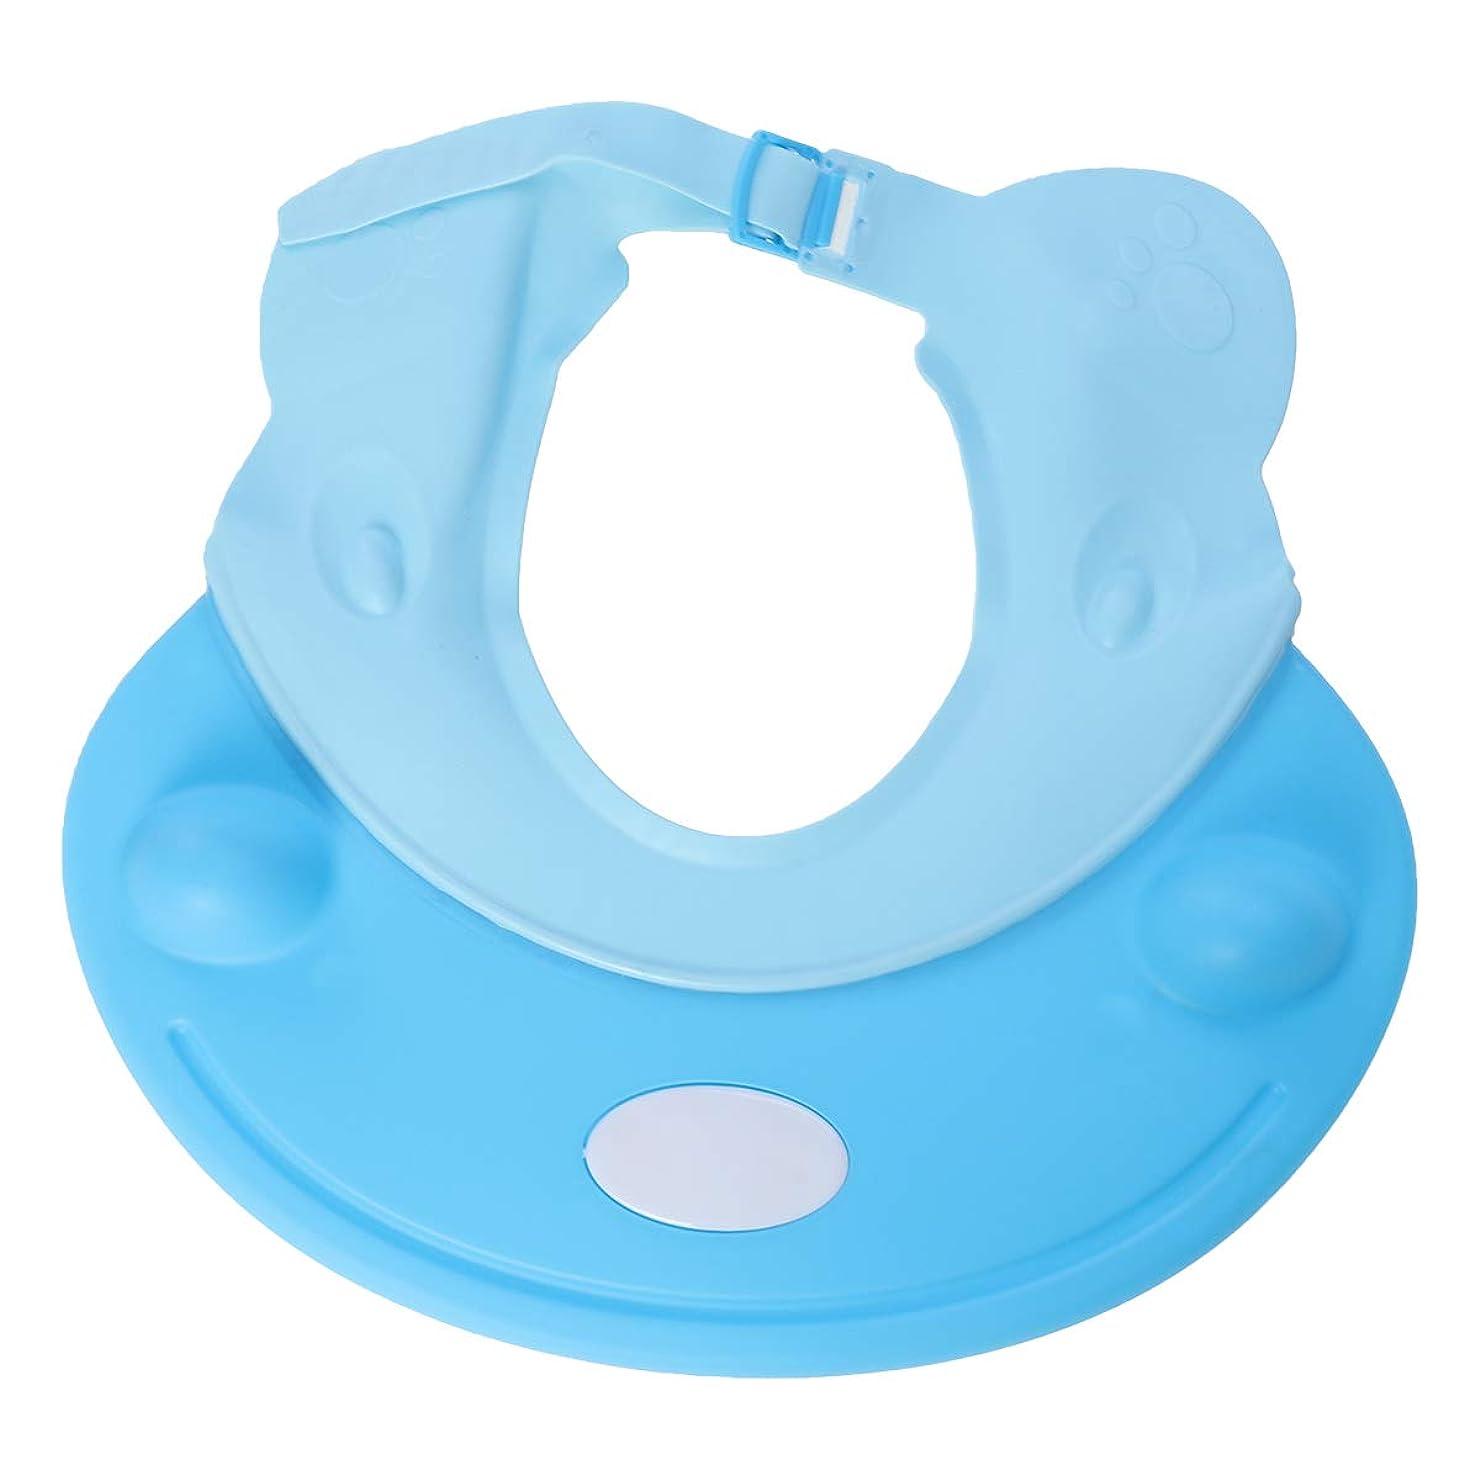 フォローストレージケーキSUPVOX ベビーシャワーキャップシャンプー入浴保護帽子カバ形ソフトアジャスタブルバイザーキャップ用幼児子供用ベビーキッズ(ブルー)